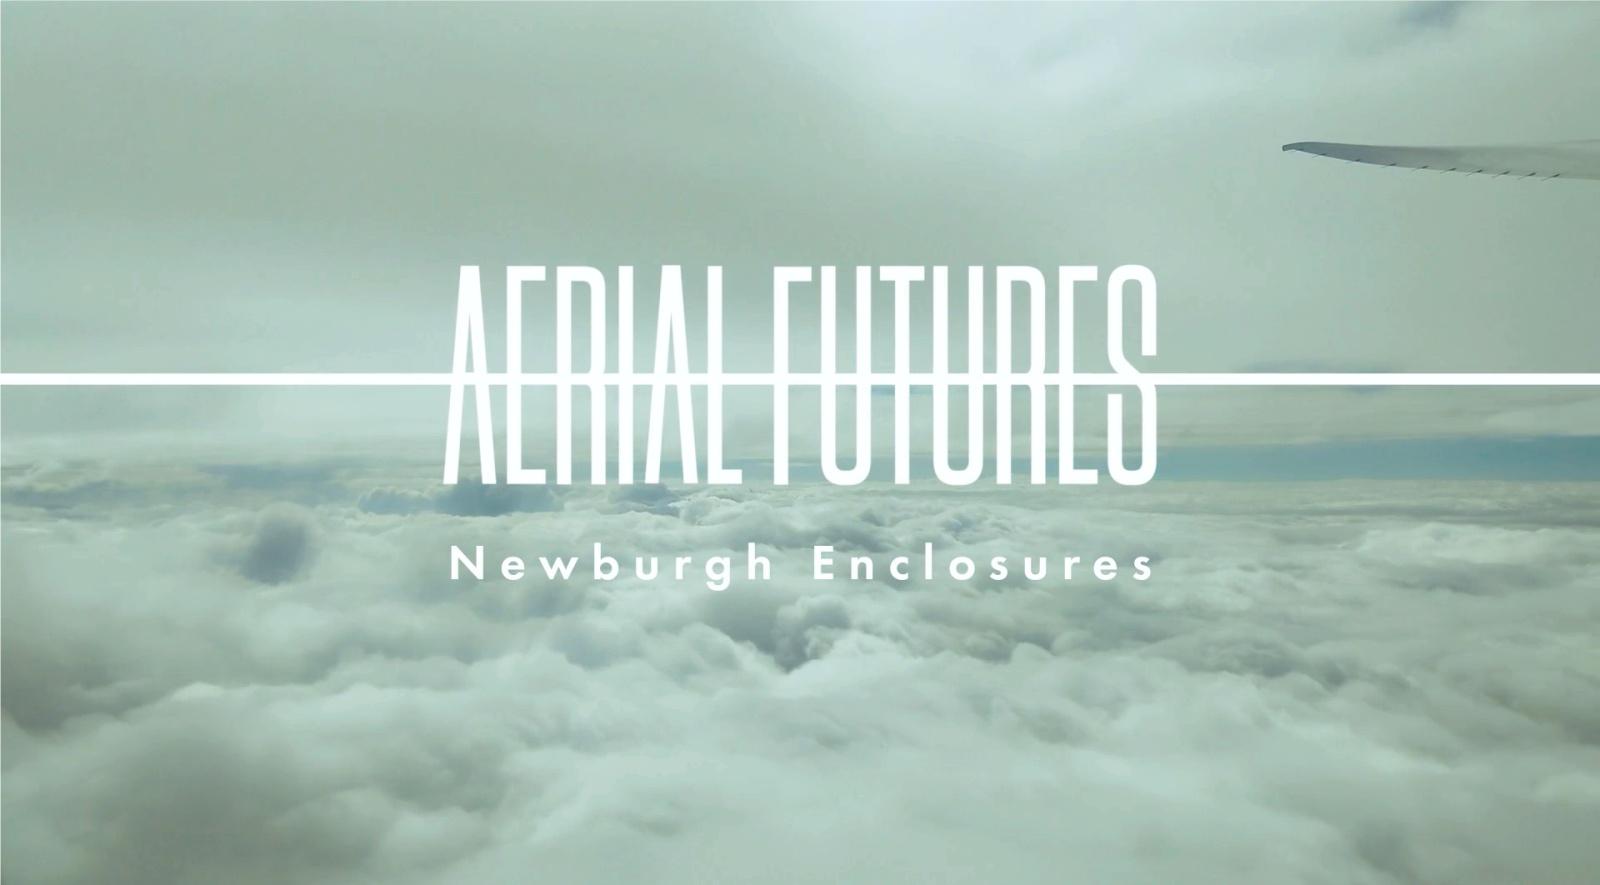 Newburgh Enclosures